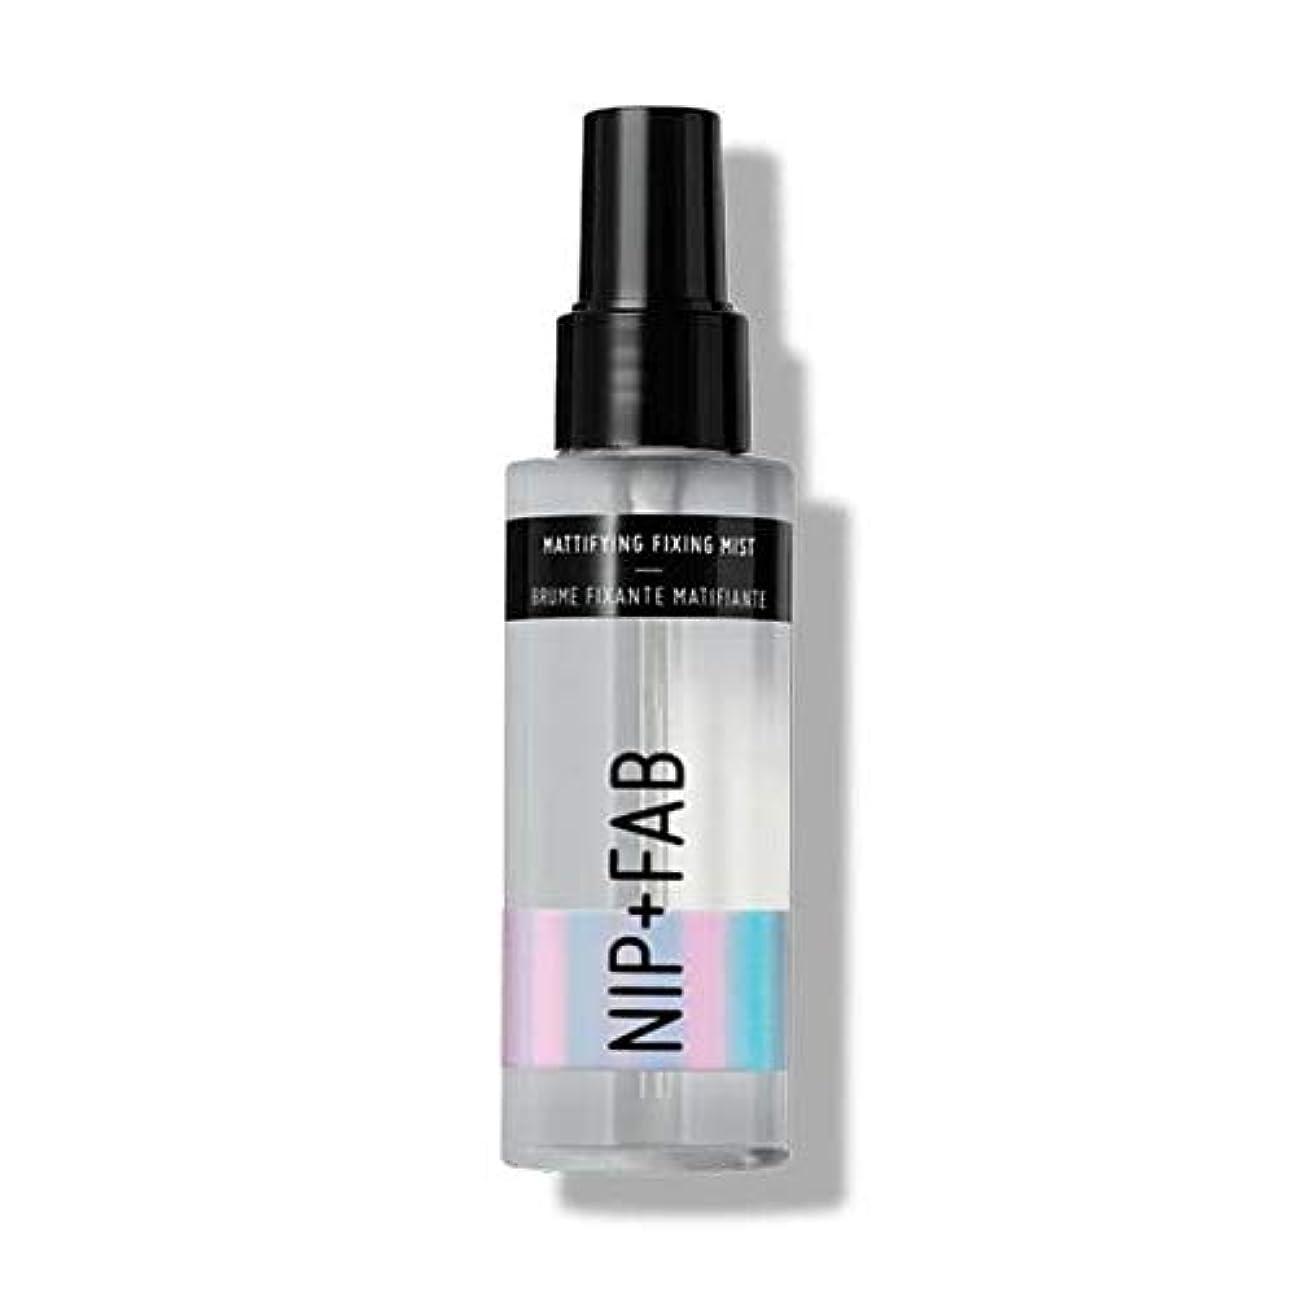 血統注釈を付ける弱い[Nip & Fab ] ミスト100ミリリットル1を固定艶消し作るFab +ニップ - NIP+FAB Make Up Mattifying Fixing Mist 100ml 1 [並行輸入品]